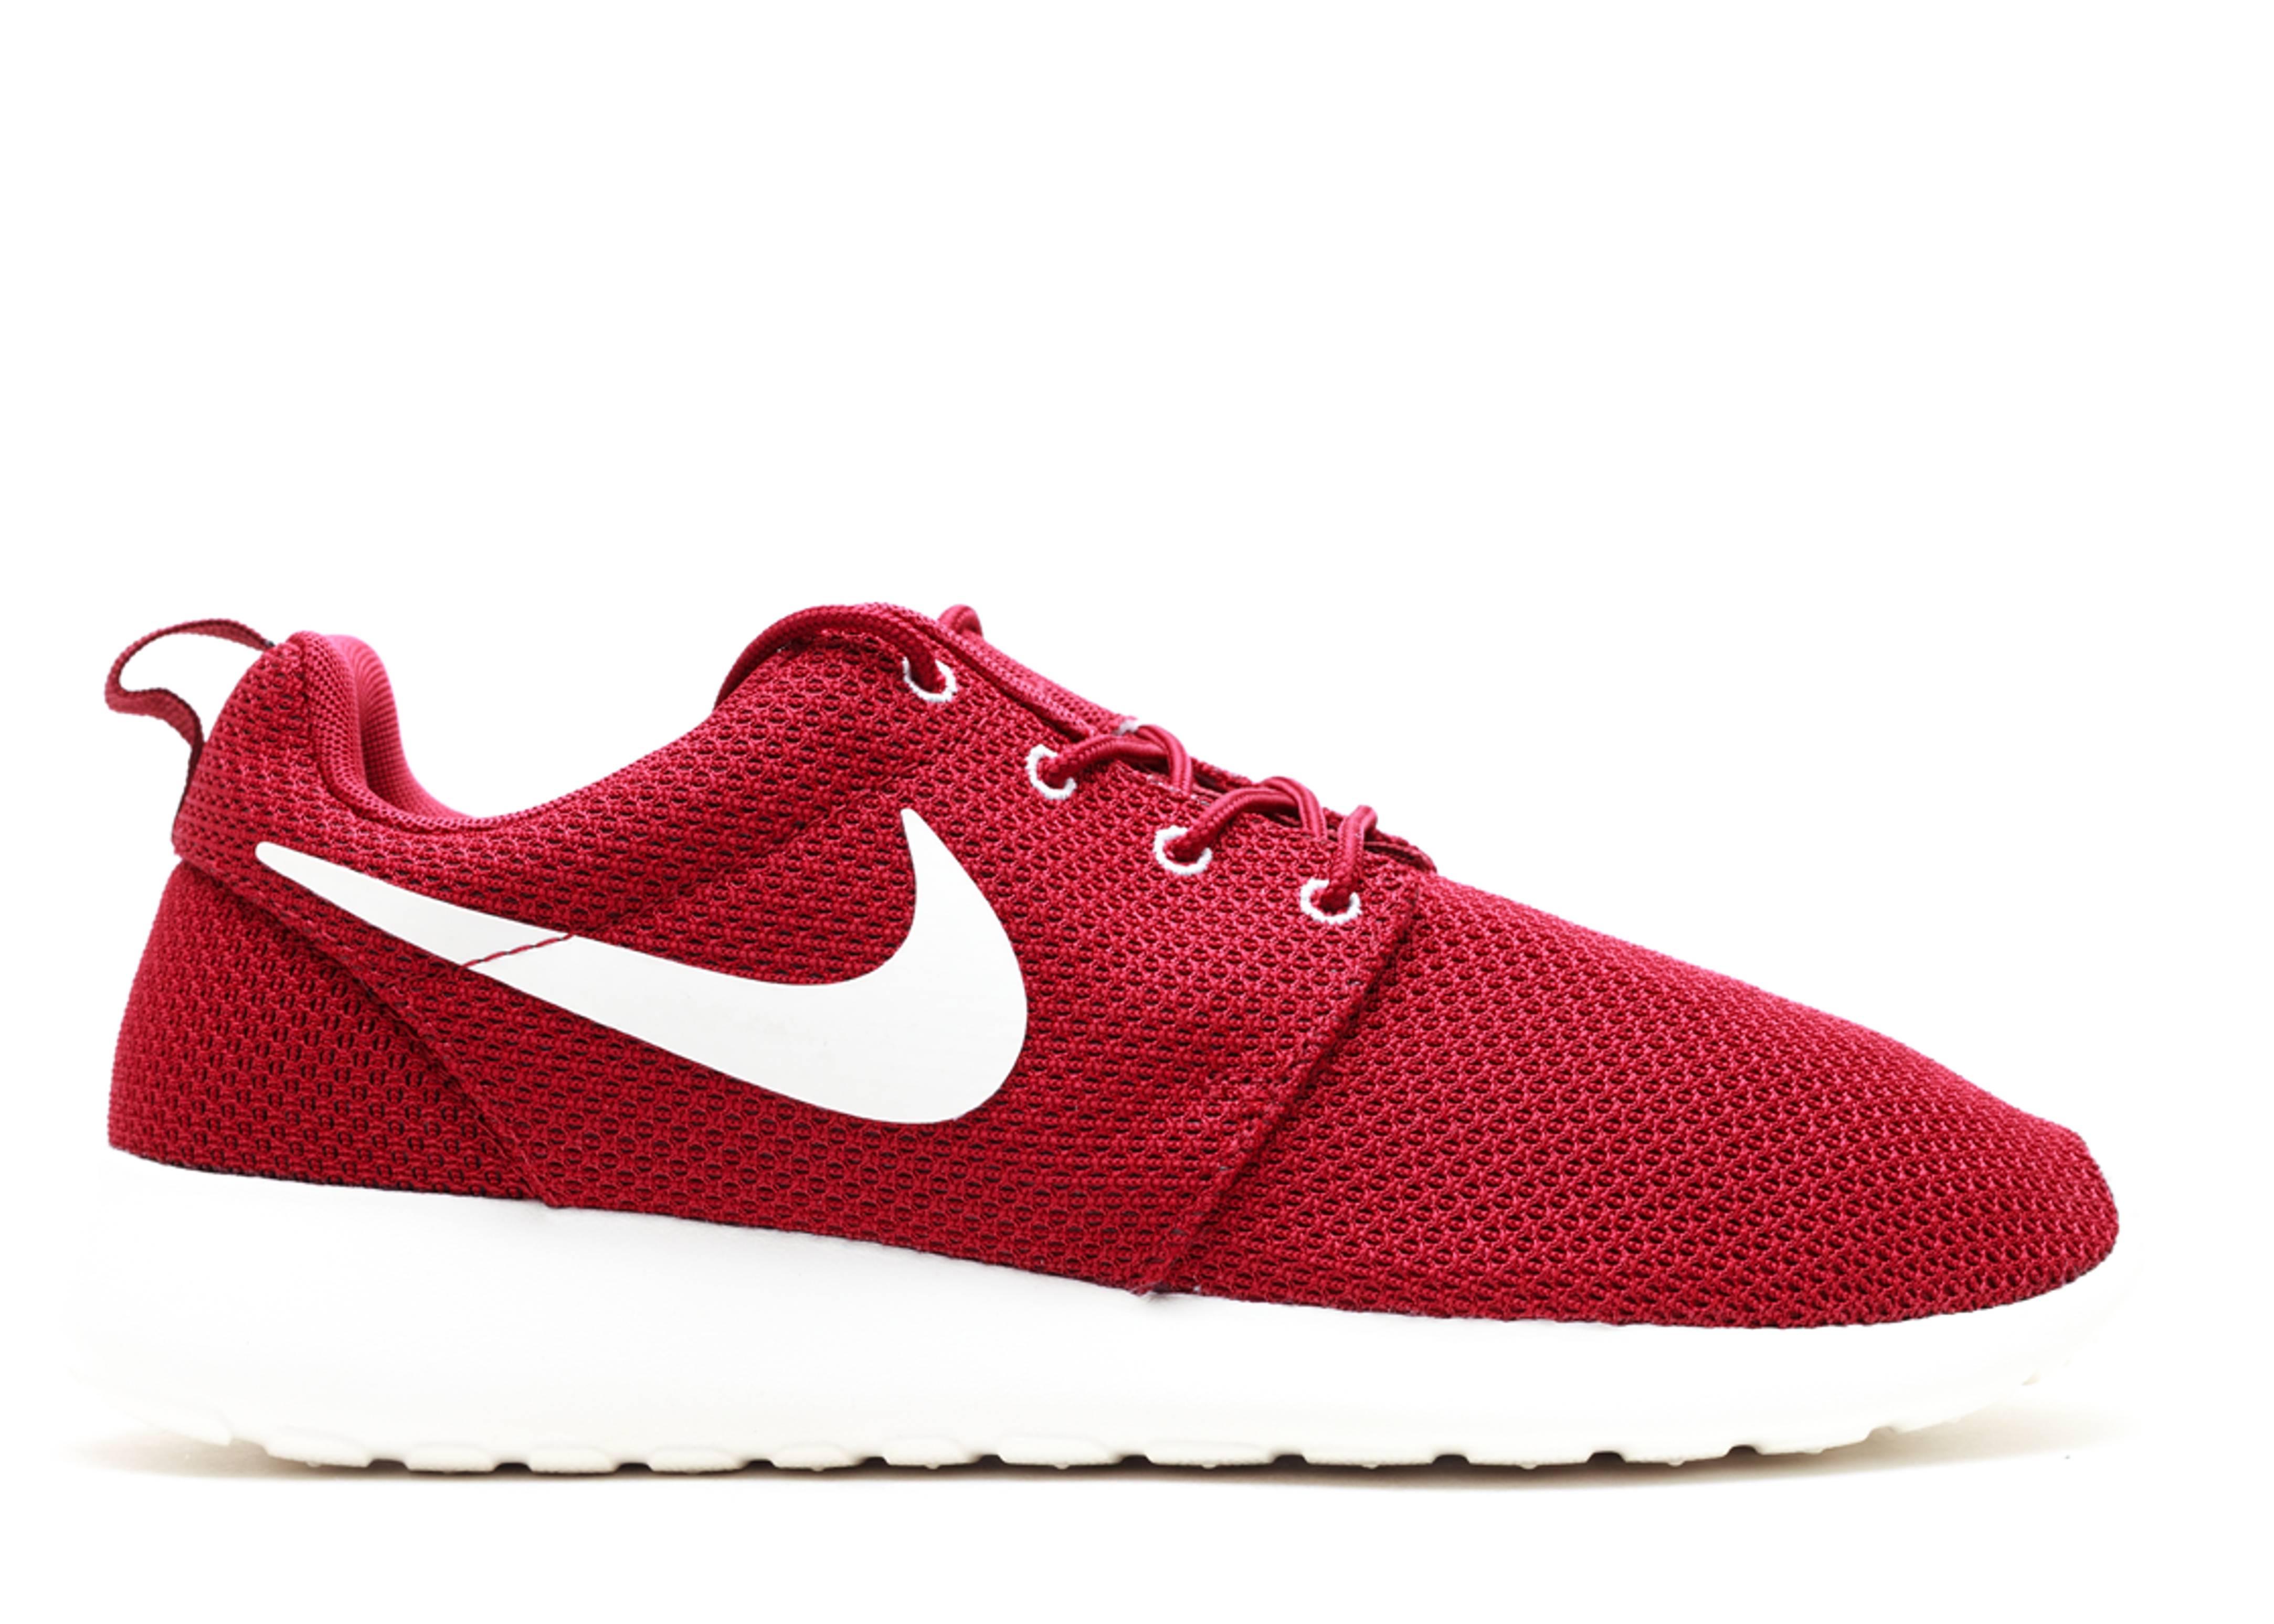 vente 2014 Nike Roshe Équipe Courir Damen Voile Rouge Ave pas cher confortable vente dernières collections FCNIRNfQ